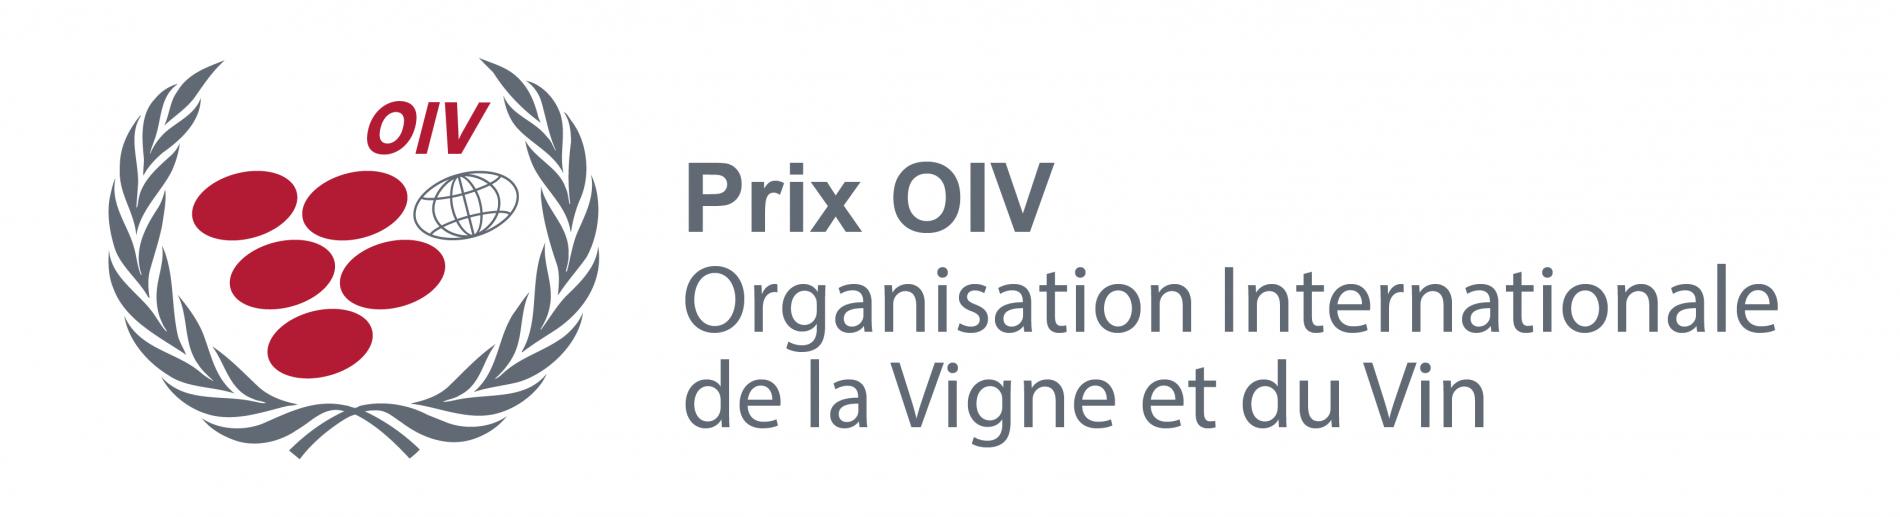 banner jdp fr #новости OIV, грузинское вино